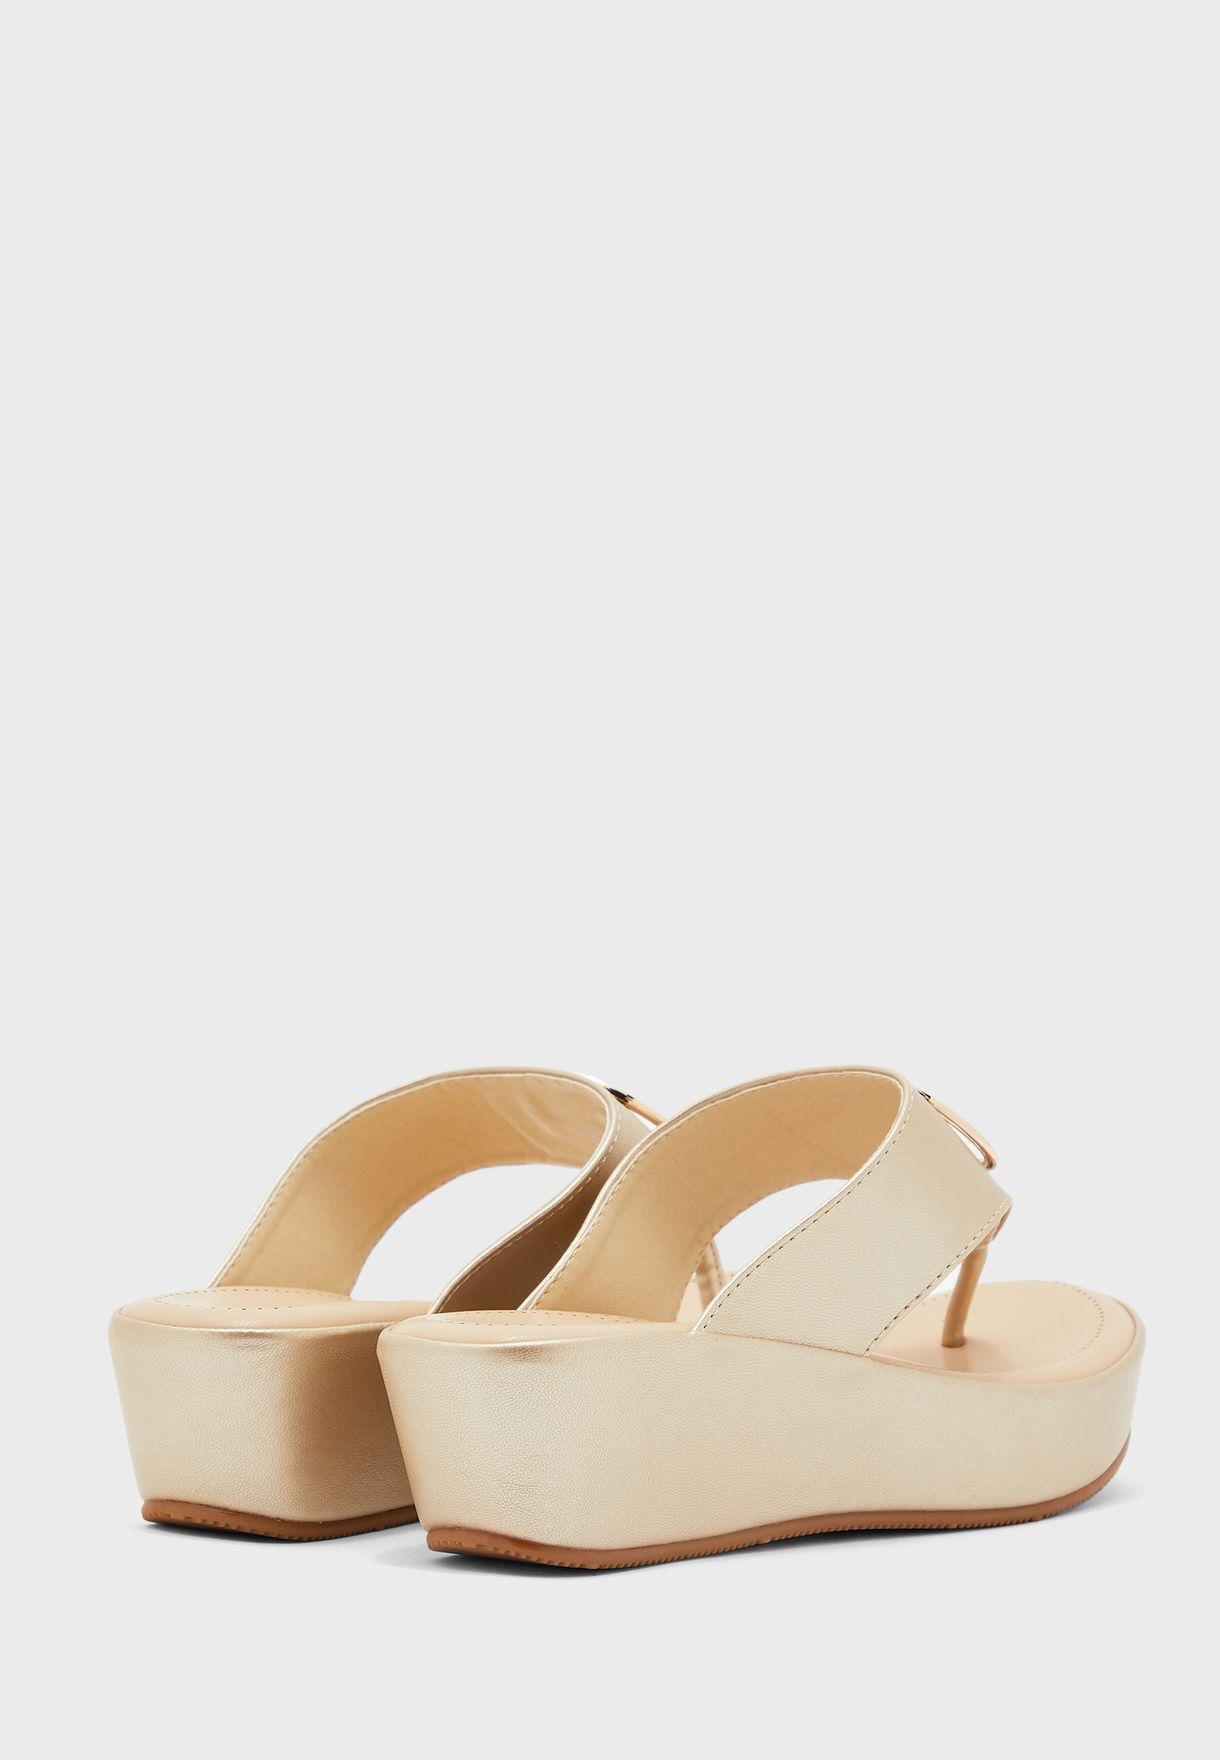 Casual Wedge Heel Sandal